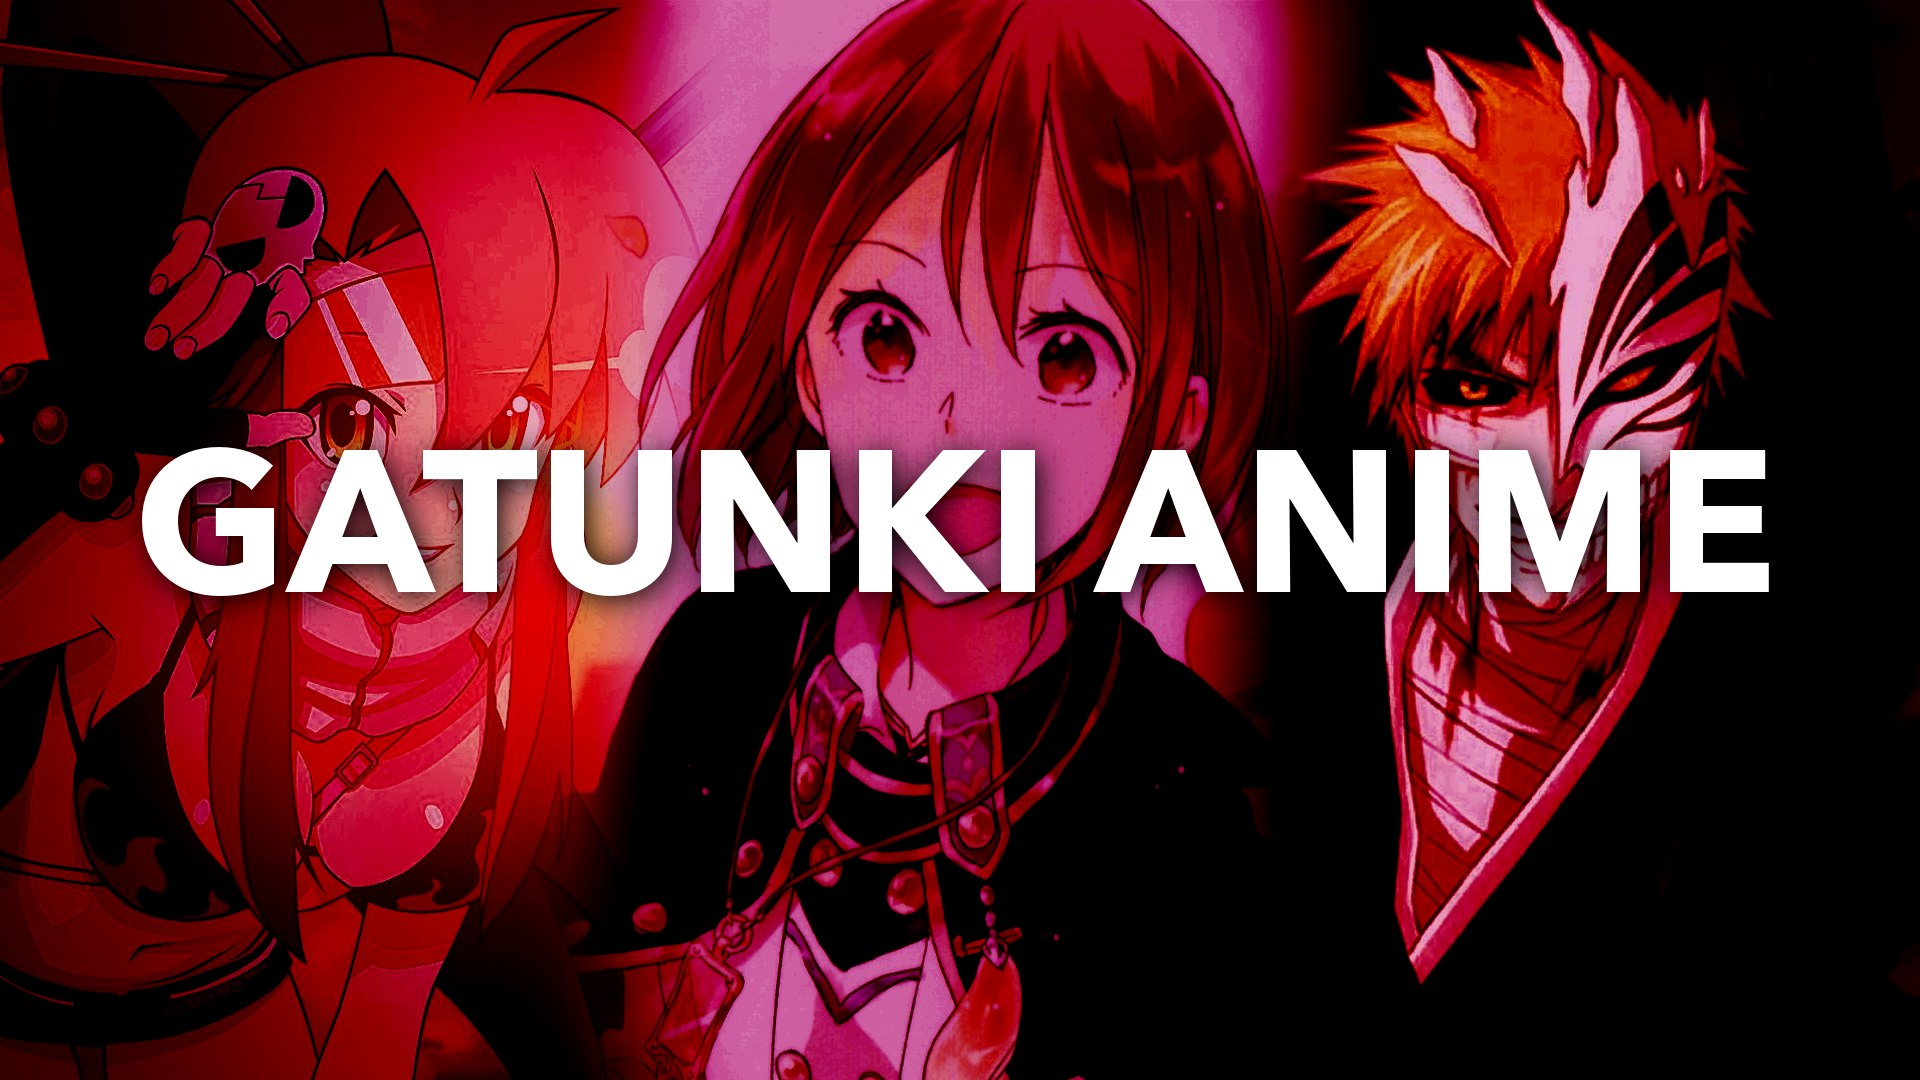 Gatunki anime - Anime od A do Z #1